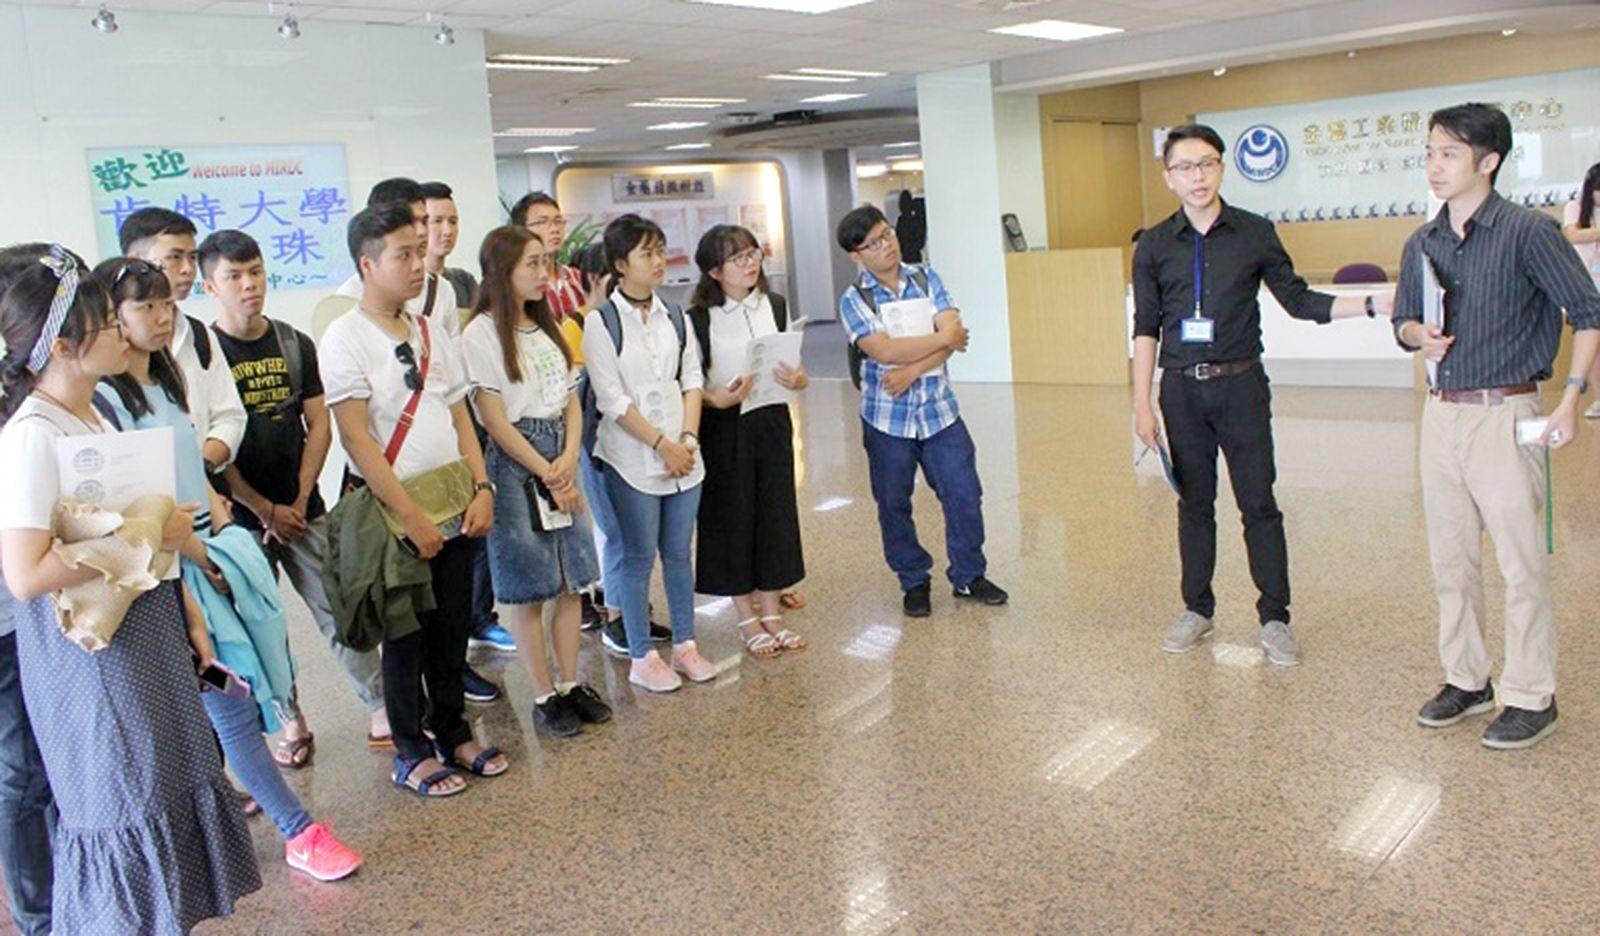 Sinh viên Trường Đại học Cần Thơ tham quan Trung tâm nghiên cứu và phát triển ngành kim loại, Đại học quốc gia Ứng dụng khoa học Cao Hùng (Đài Loan). Ảnh: Đoàn Trường Đại học Cần Thơ cung cấp.